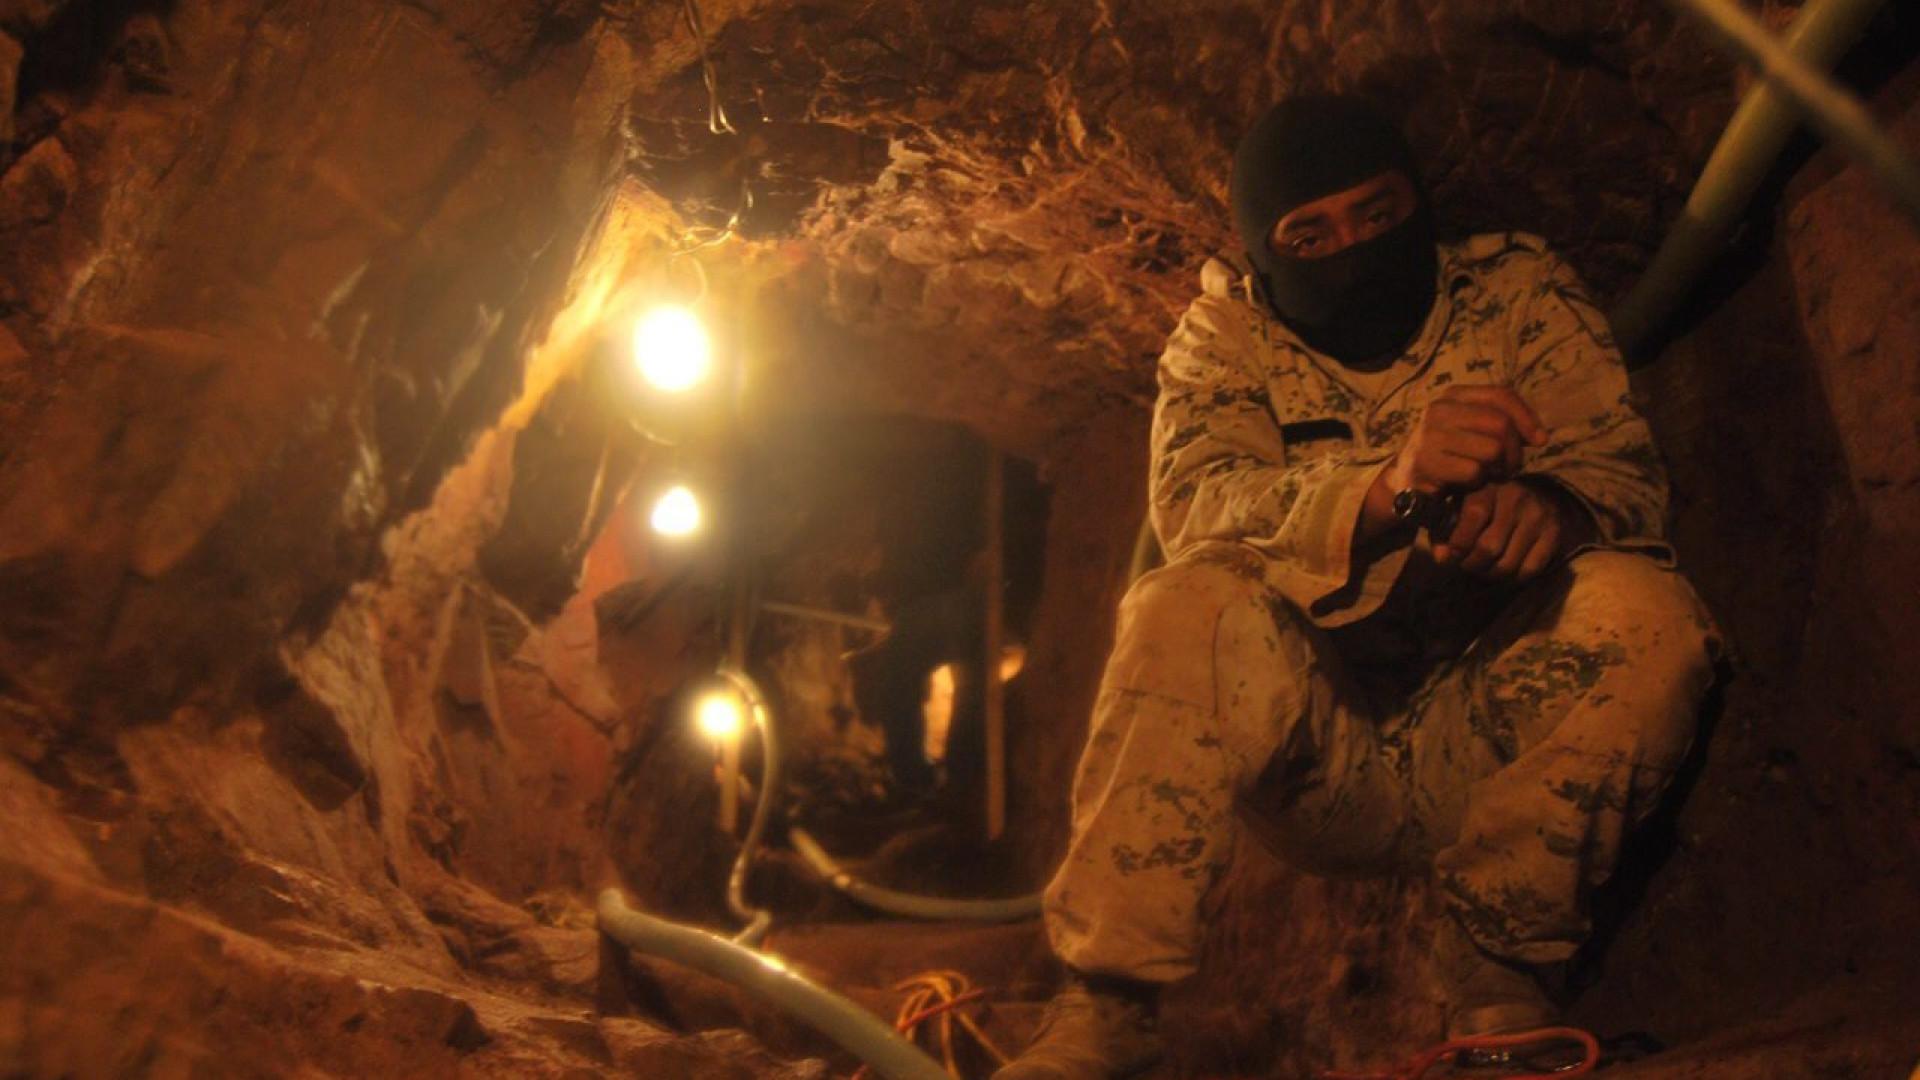 Descoberto túnel para tráfico de droga na fronteira do México com EUA